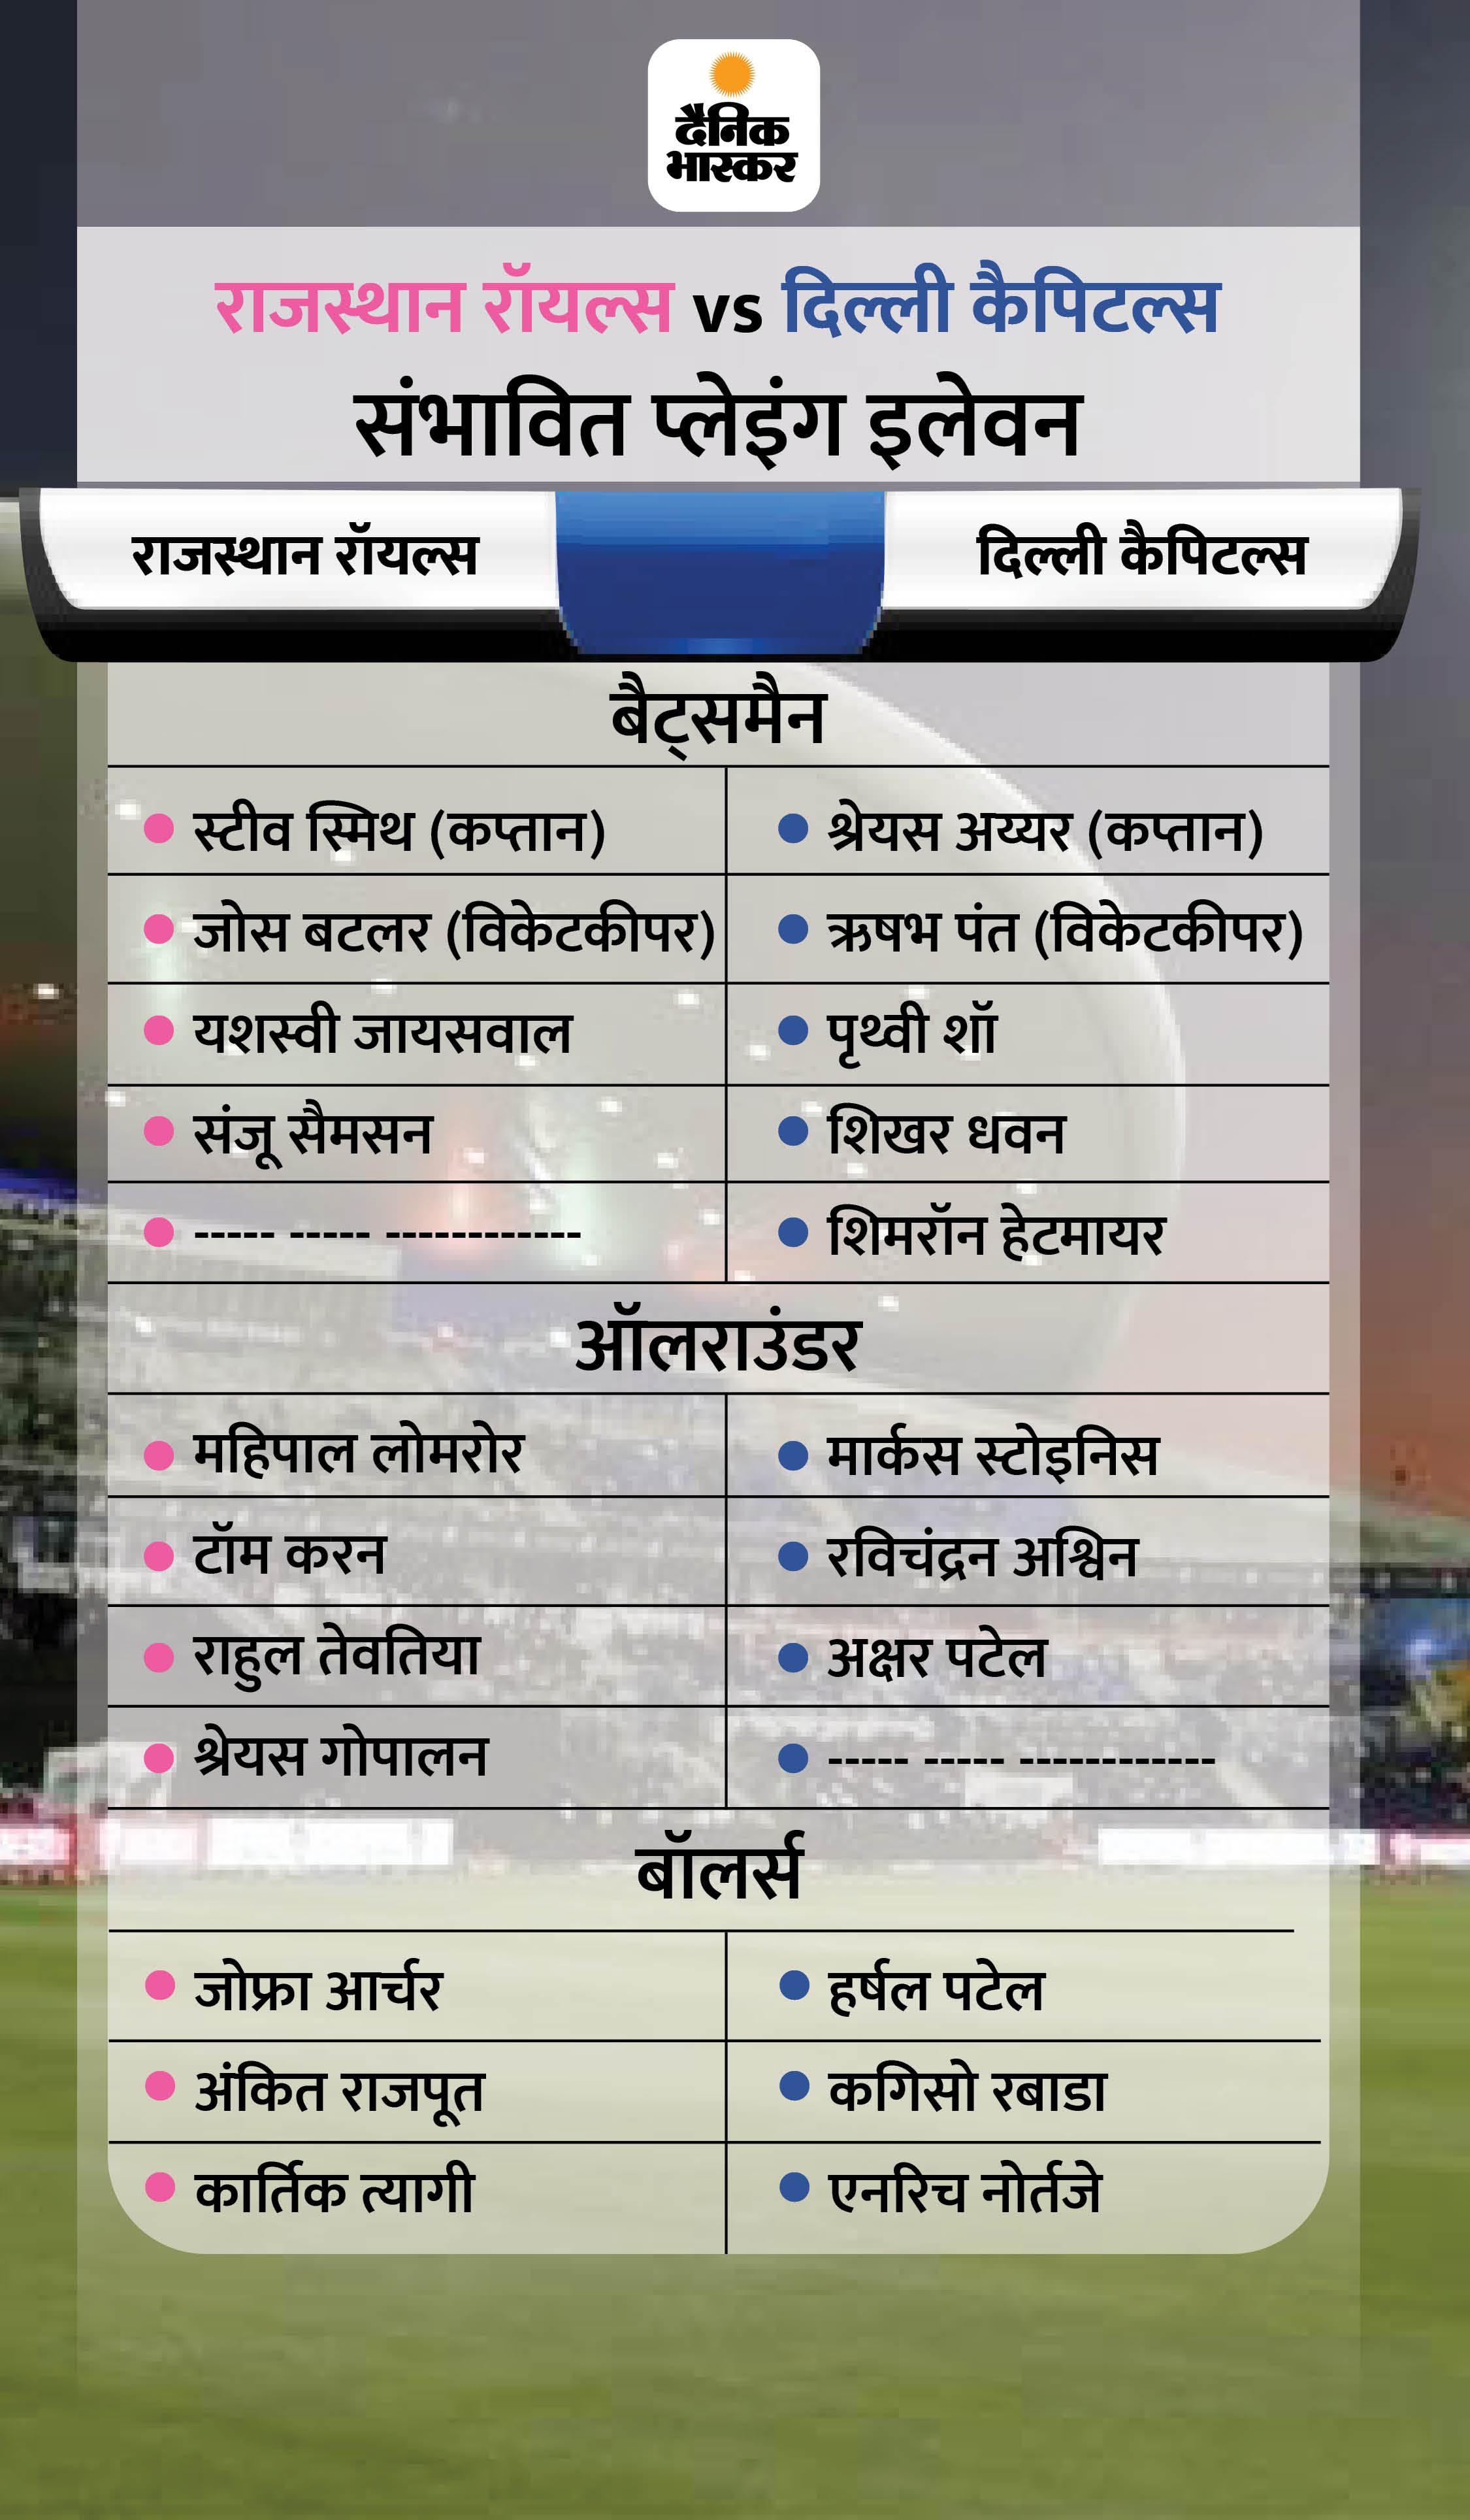 लगातार 3 हार के बाद शारजाह में लौटी राजस्थान रॉयल्स, दोनों मैच यहीं जीते; दिल्ली के पास पॉइंट्स टेबल में टॉप पर पहुंचने का मौका